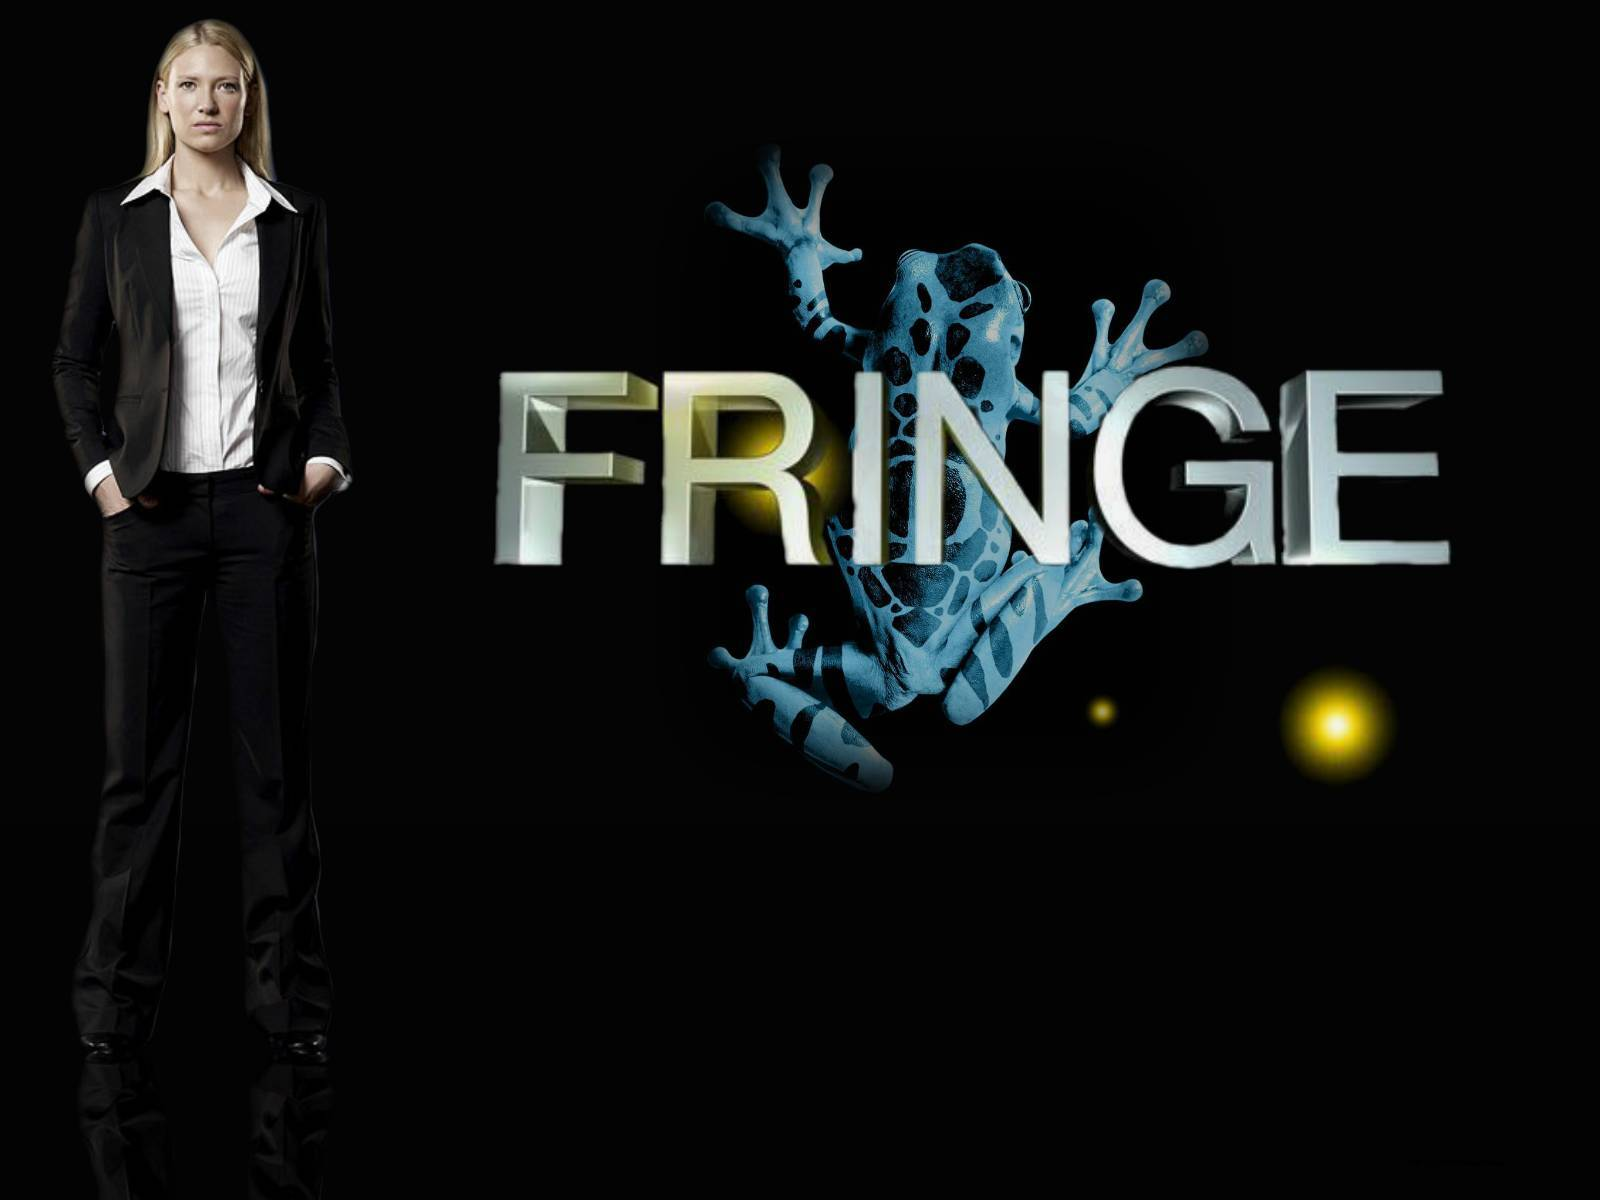 Fringe fringe 26059927 1600 1200jpg 1600x1200